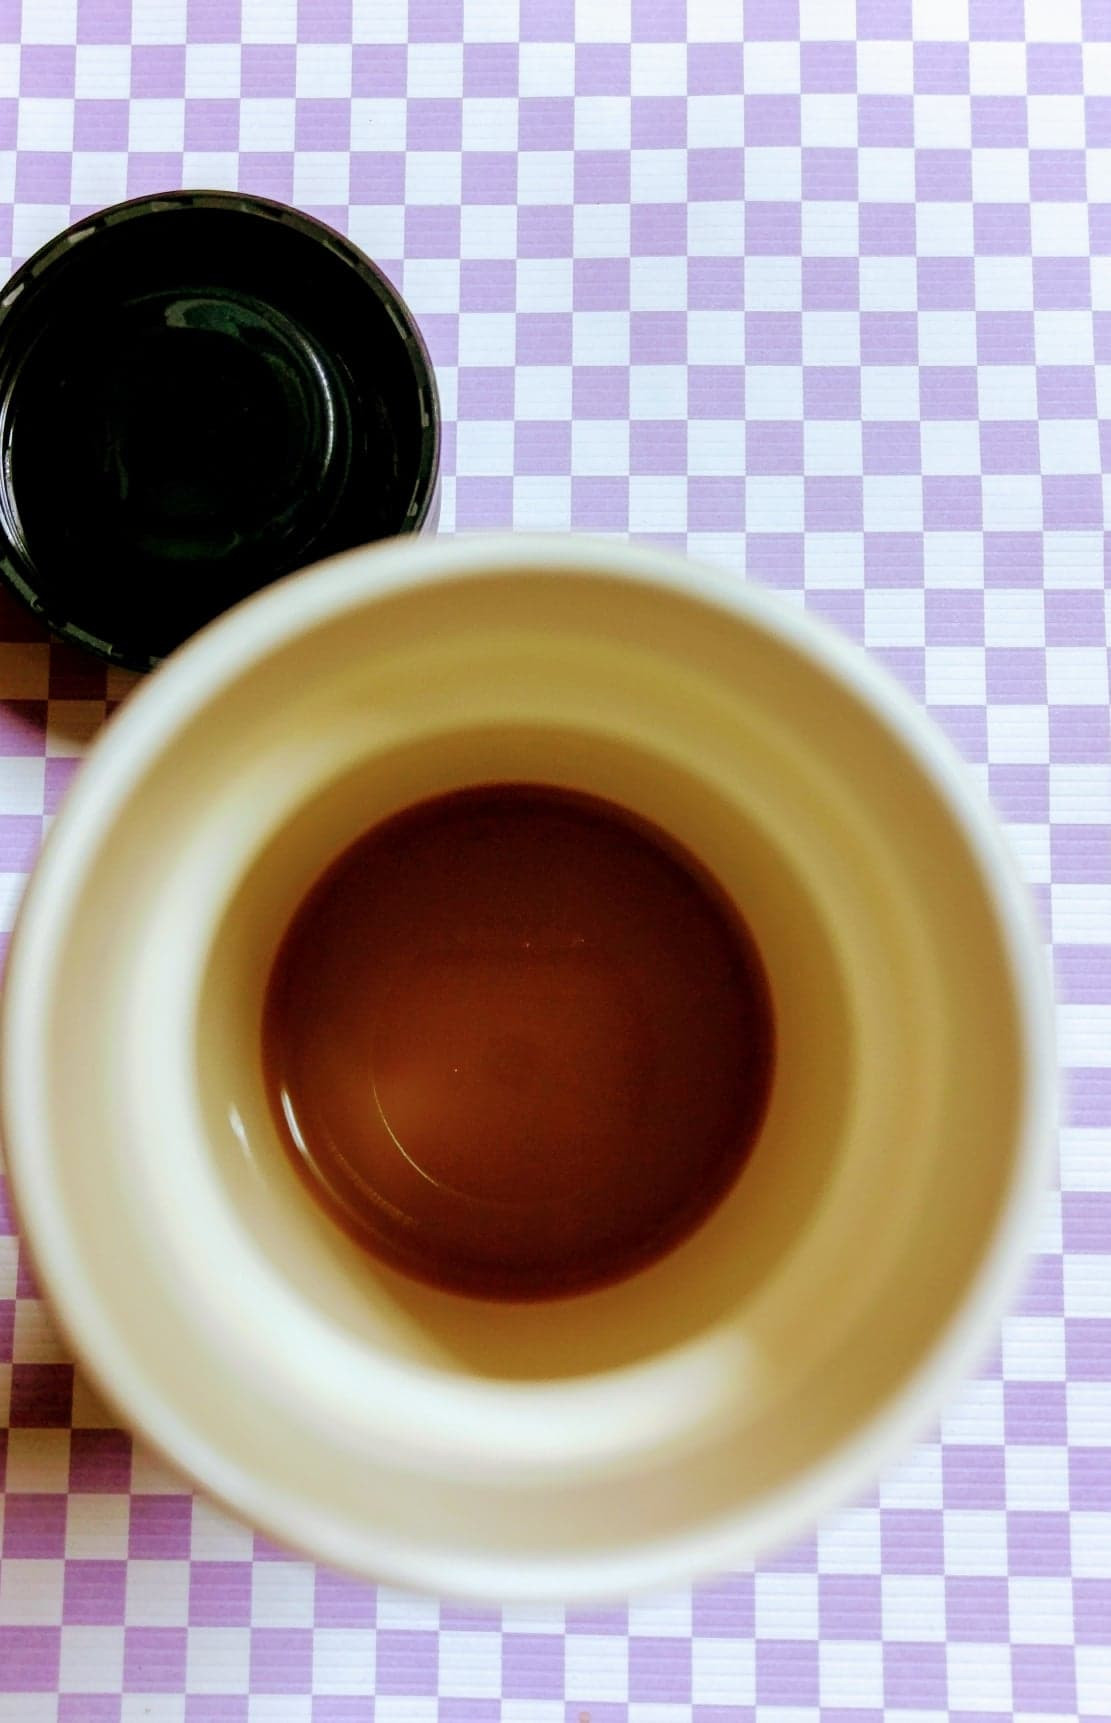 奇享杯-有色飲料的小幫手的第 1 張圖片